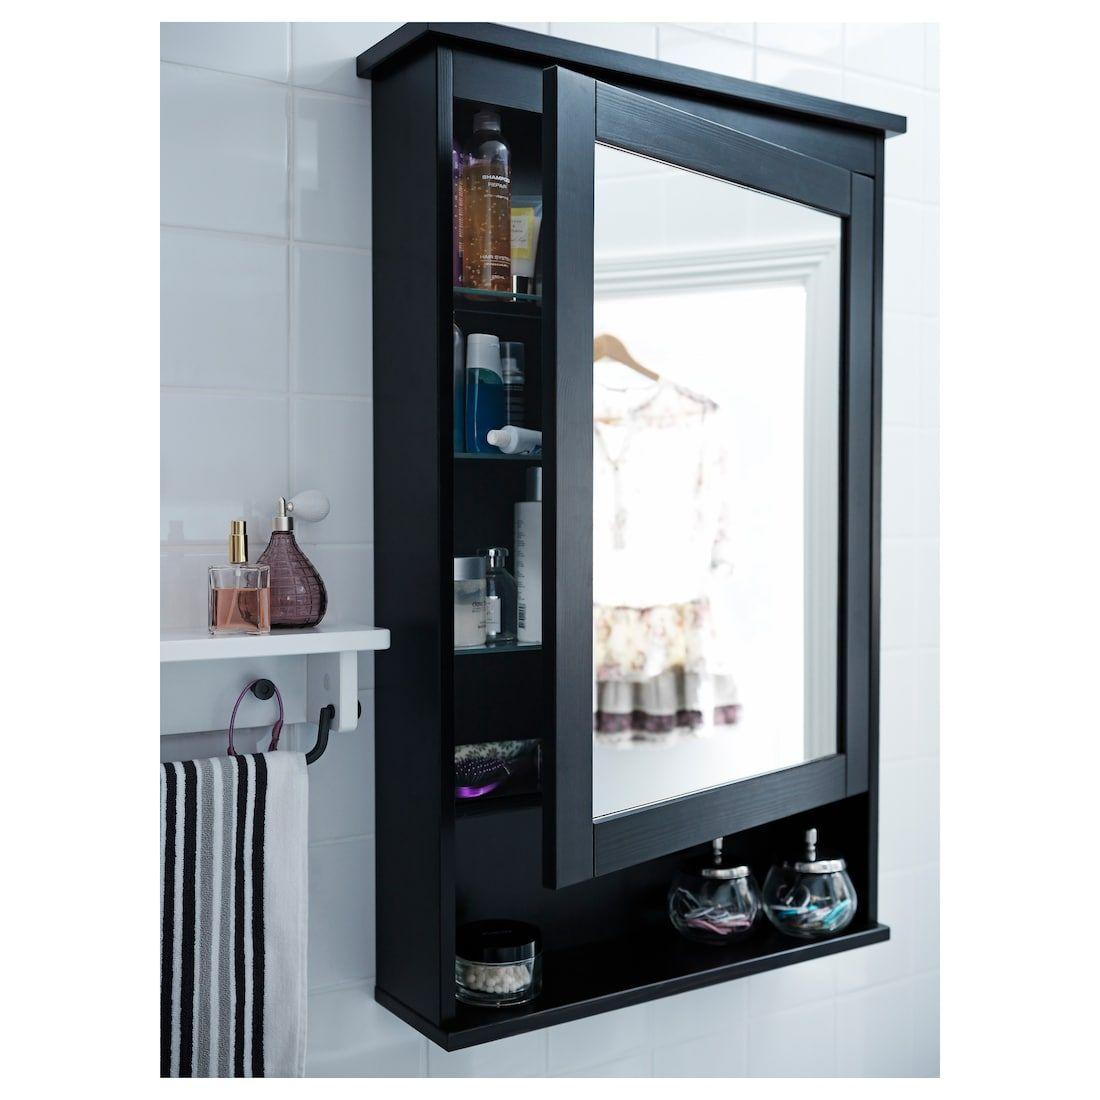 Hemnes Mirror Cabinet With 1 Door Black Brown Stain 24 3 4x6 1 4x38 5 8 Ikea Bathroom Mirror Cabinet Mirror Cabinets Bathroom Design